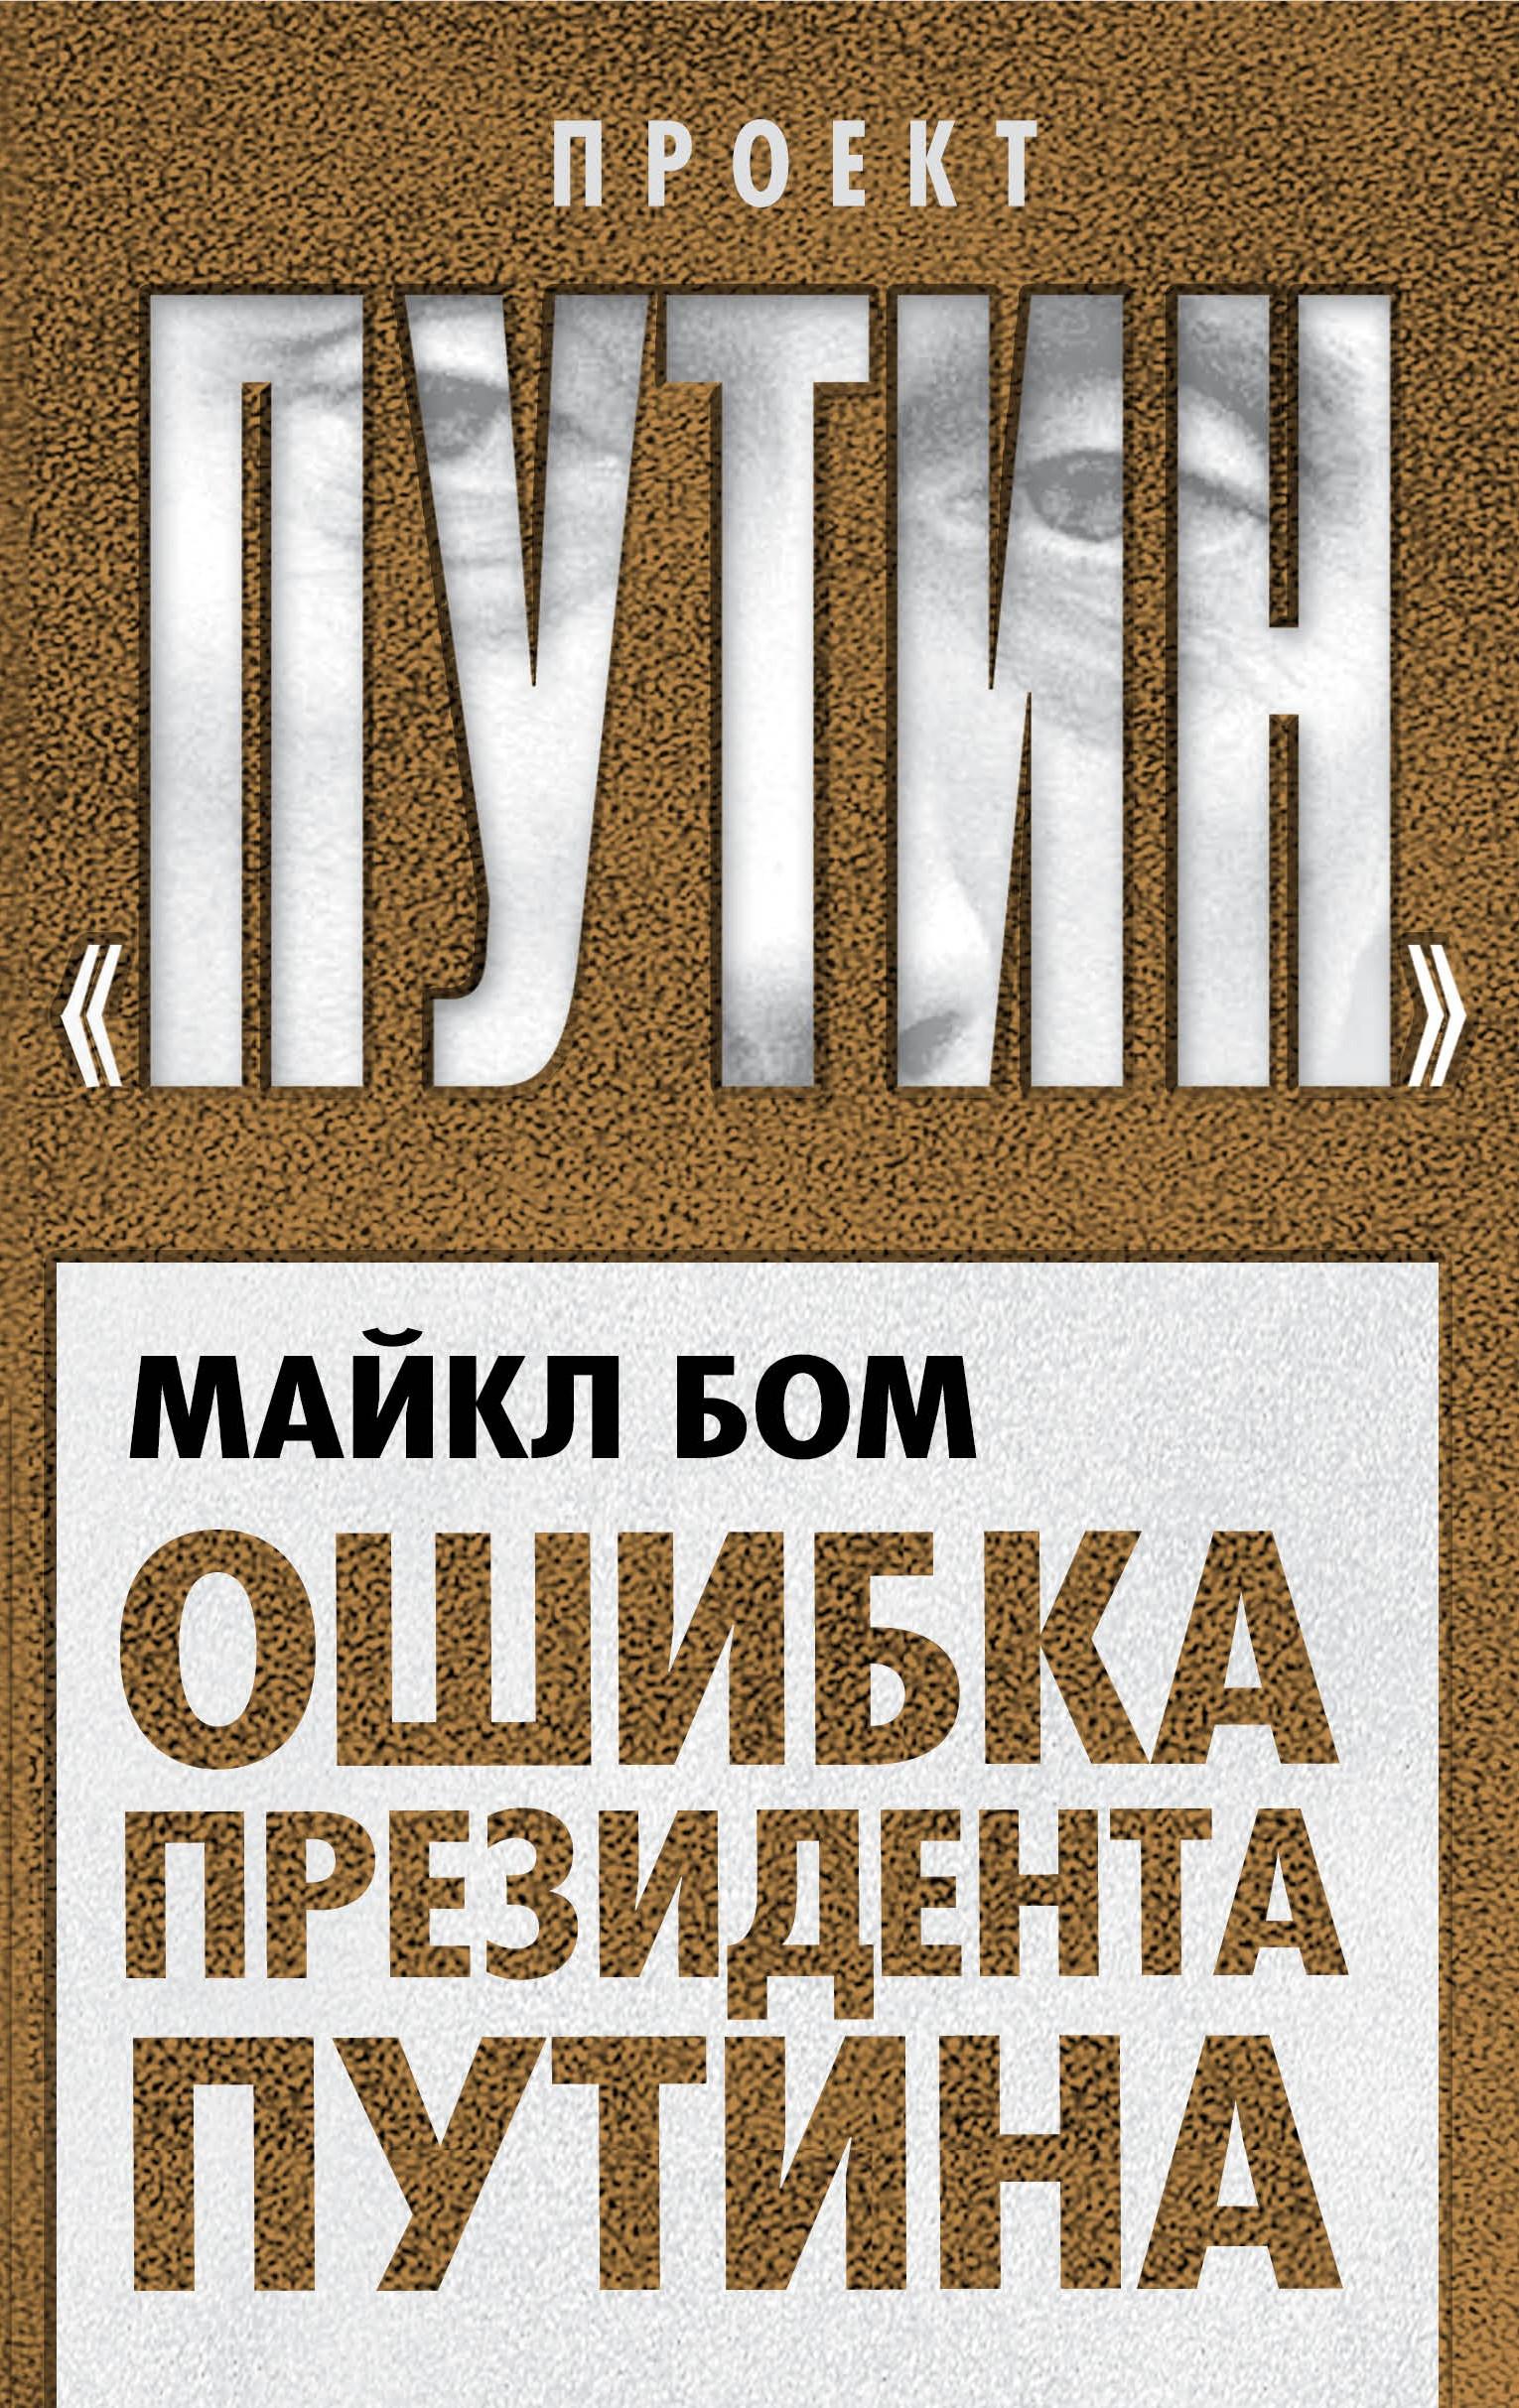 Майкл Бом Ошибка президента Путина